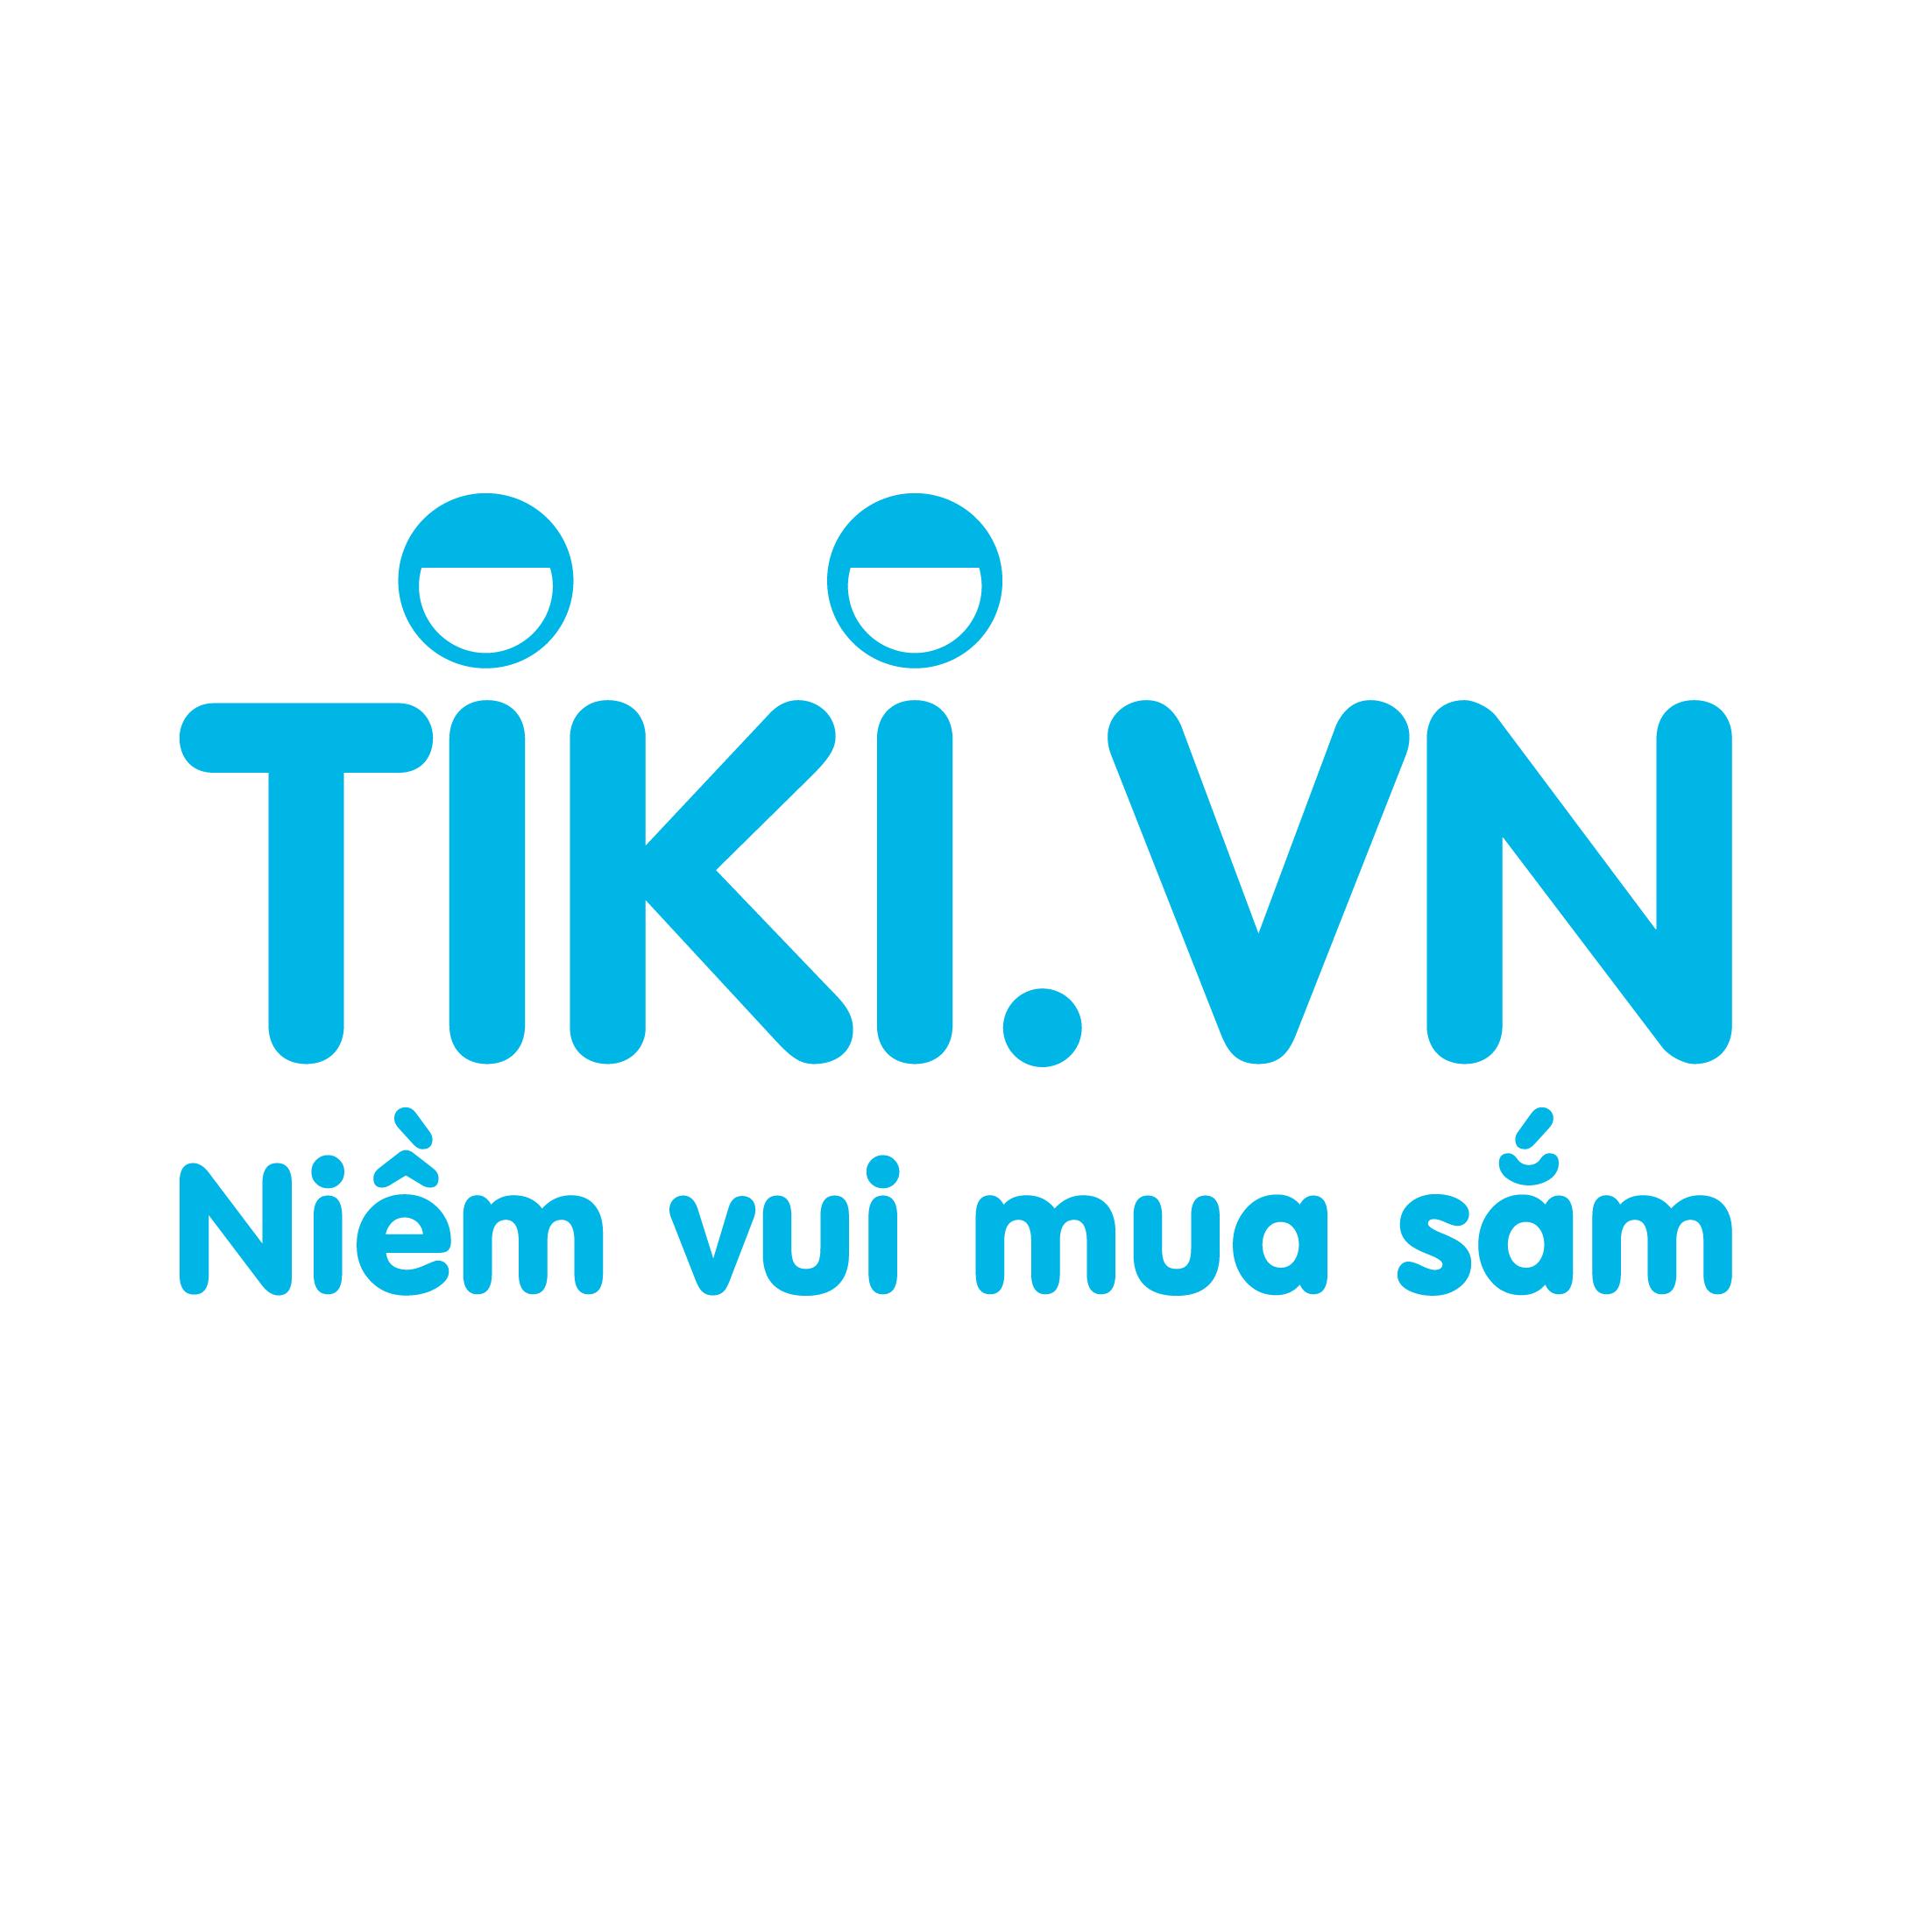 Tiki-Website thương mại điện tử hàng đầu Việt Nam